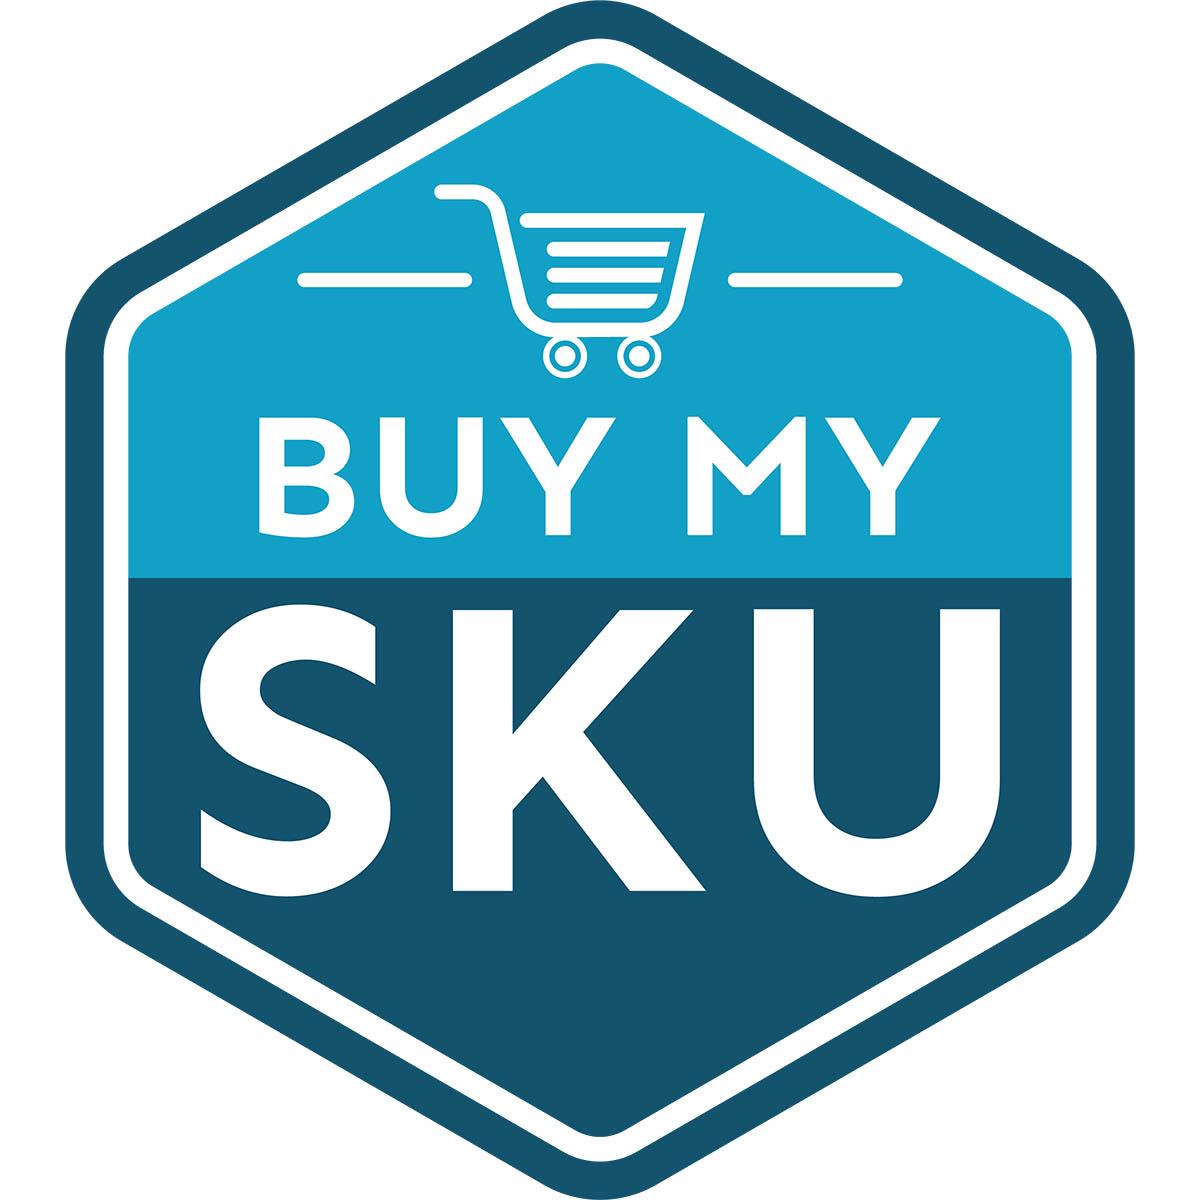 Buy My Sku